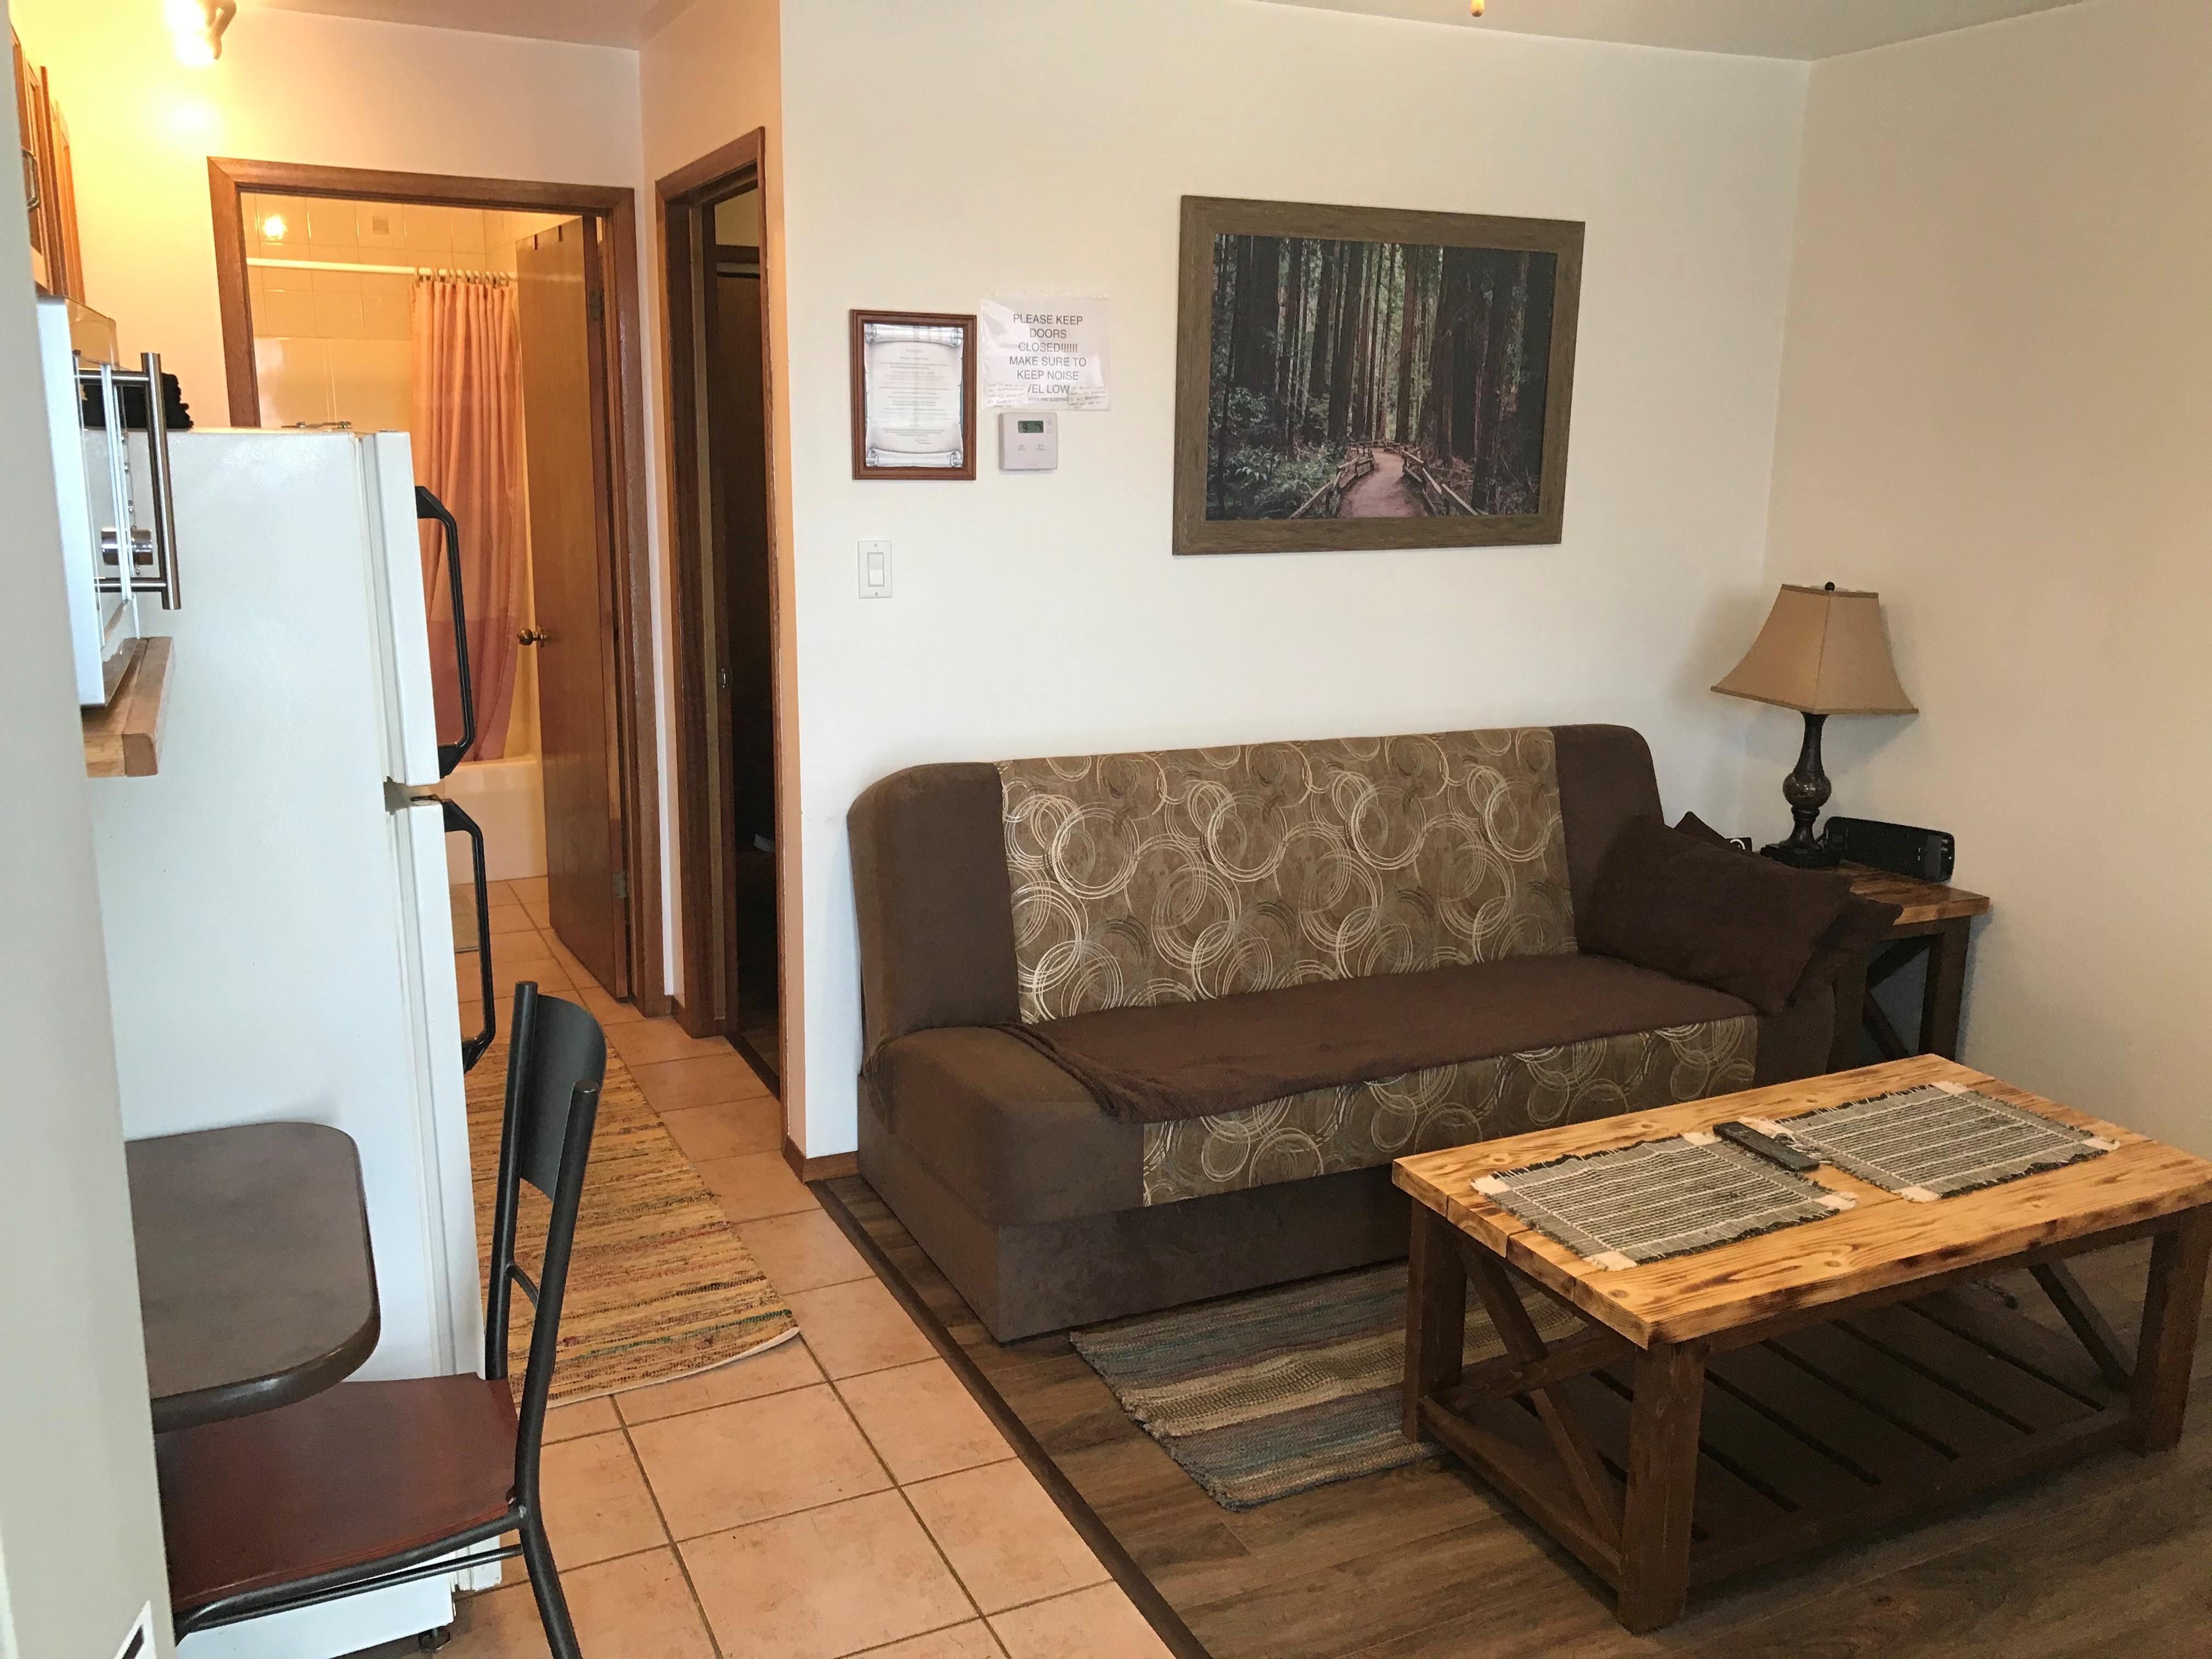 https://0901.nccdn.net/4_2/000/000/017/e75/suite-room-living-room.jpg